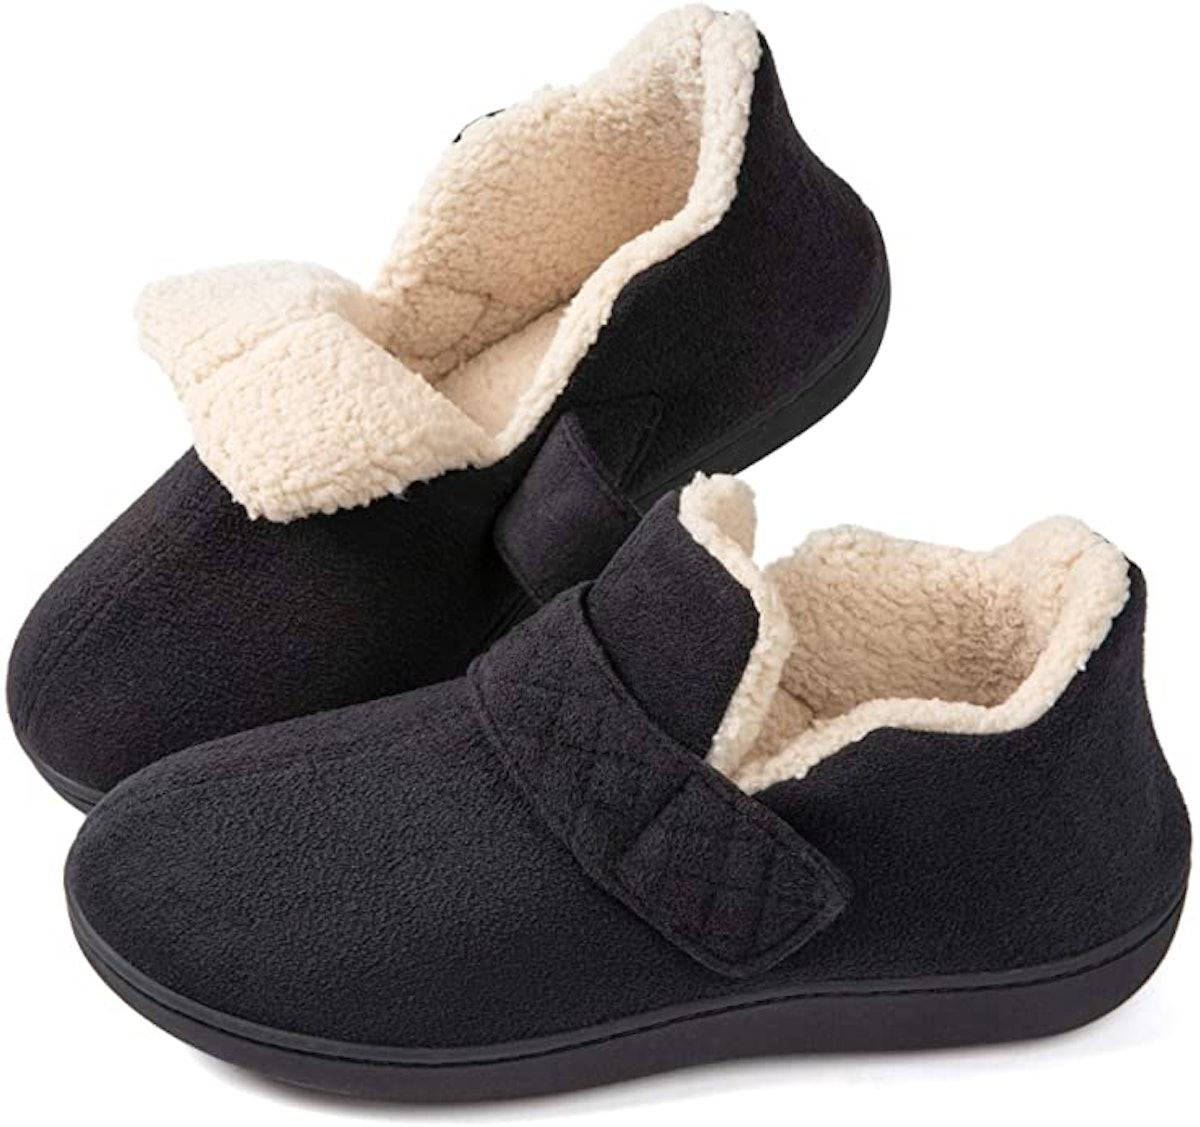 ZIZOR Women's Cozy Memory Foam Slippers